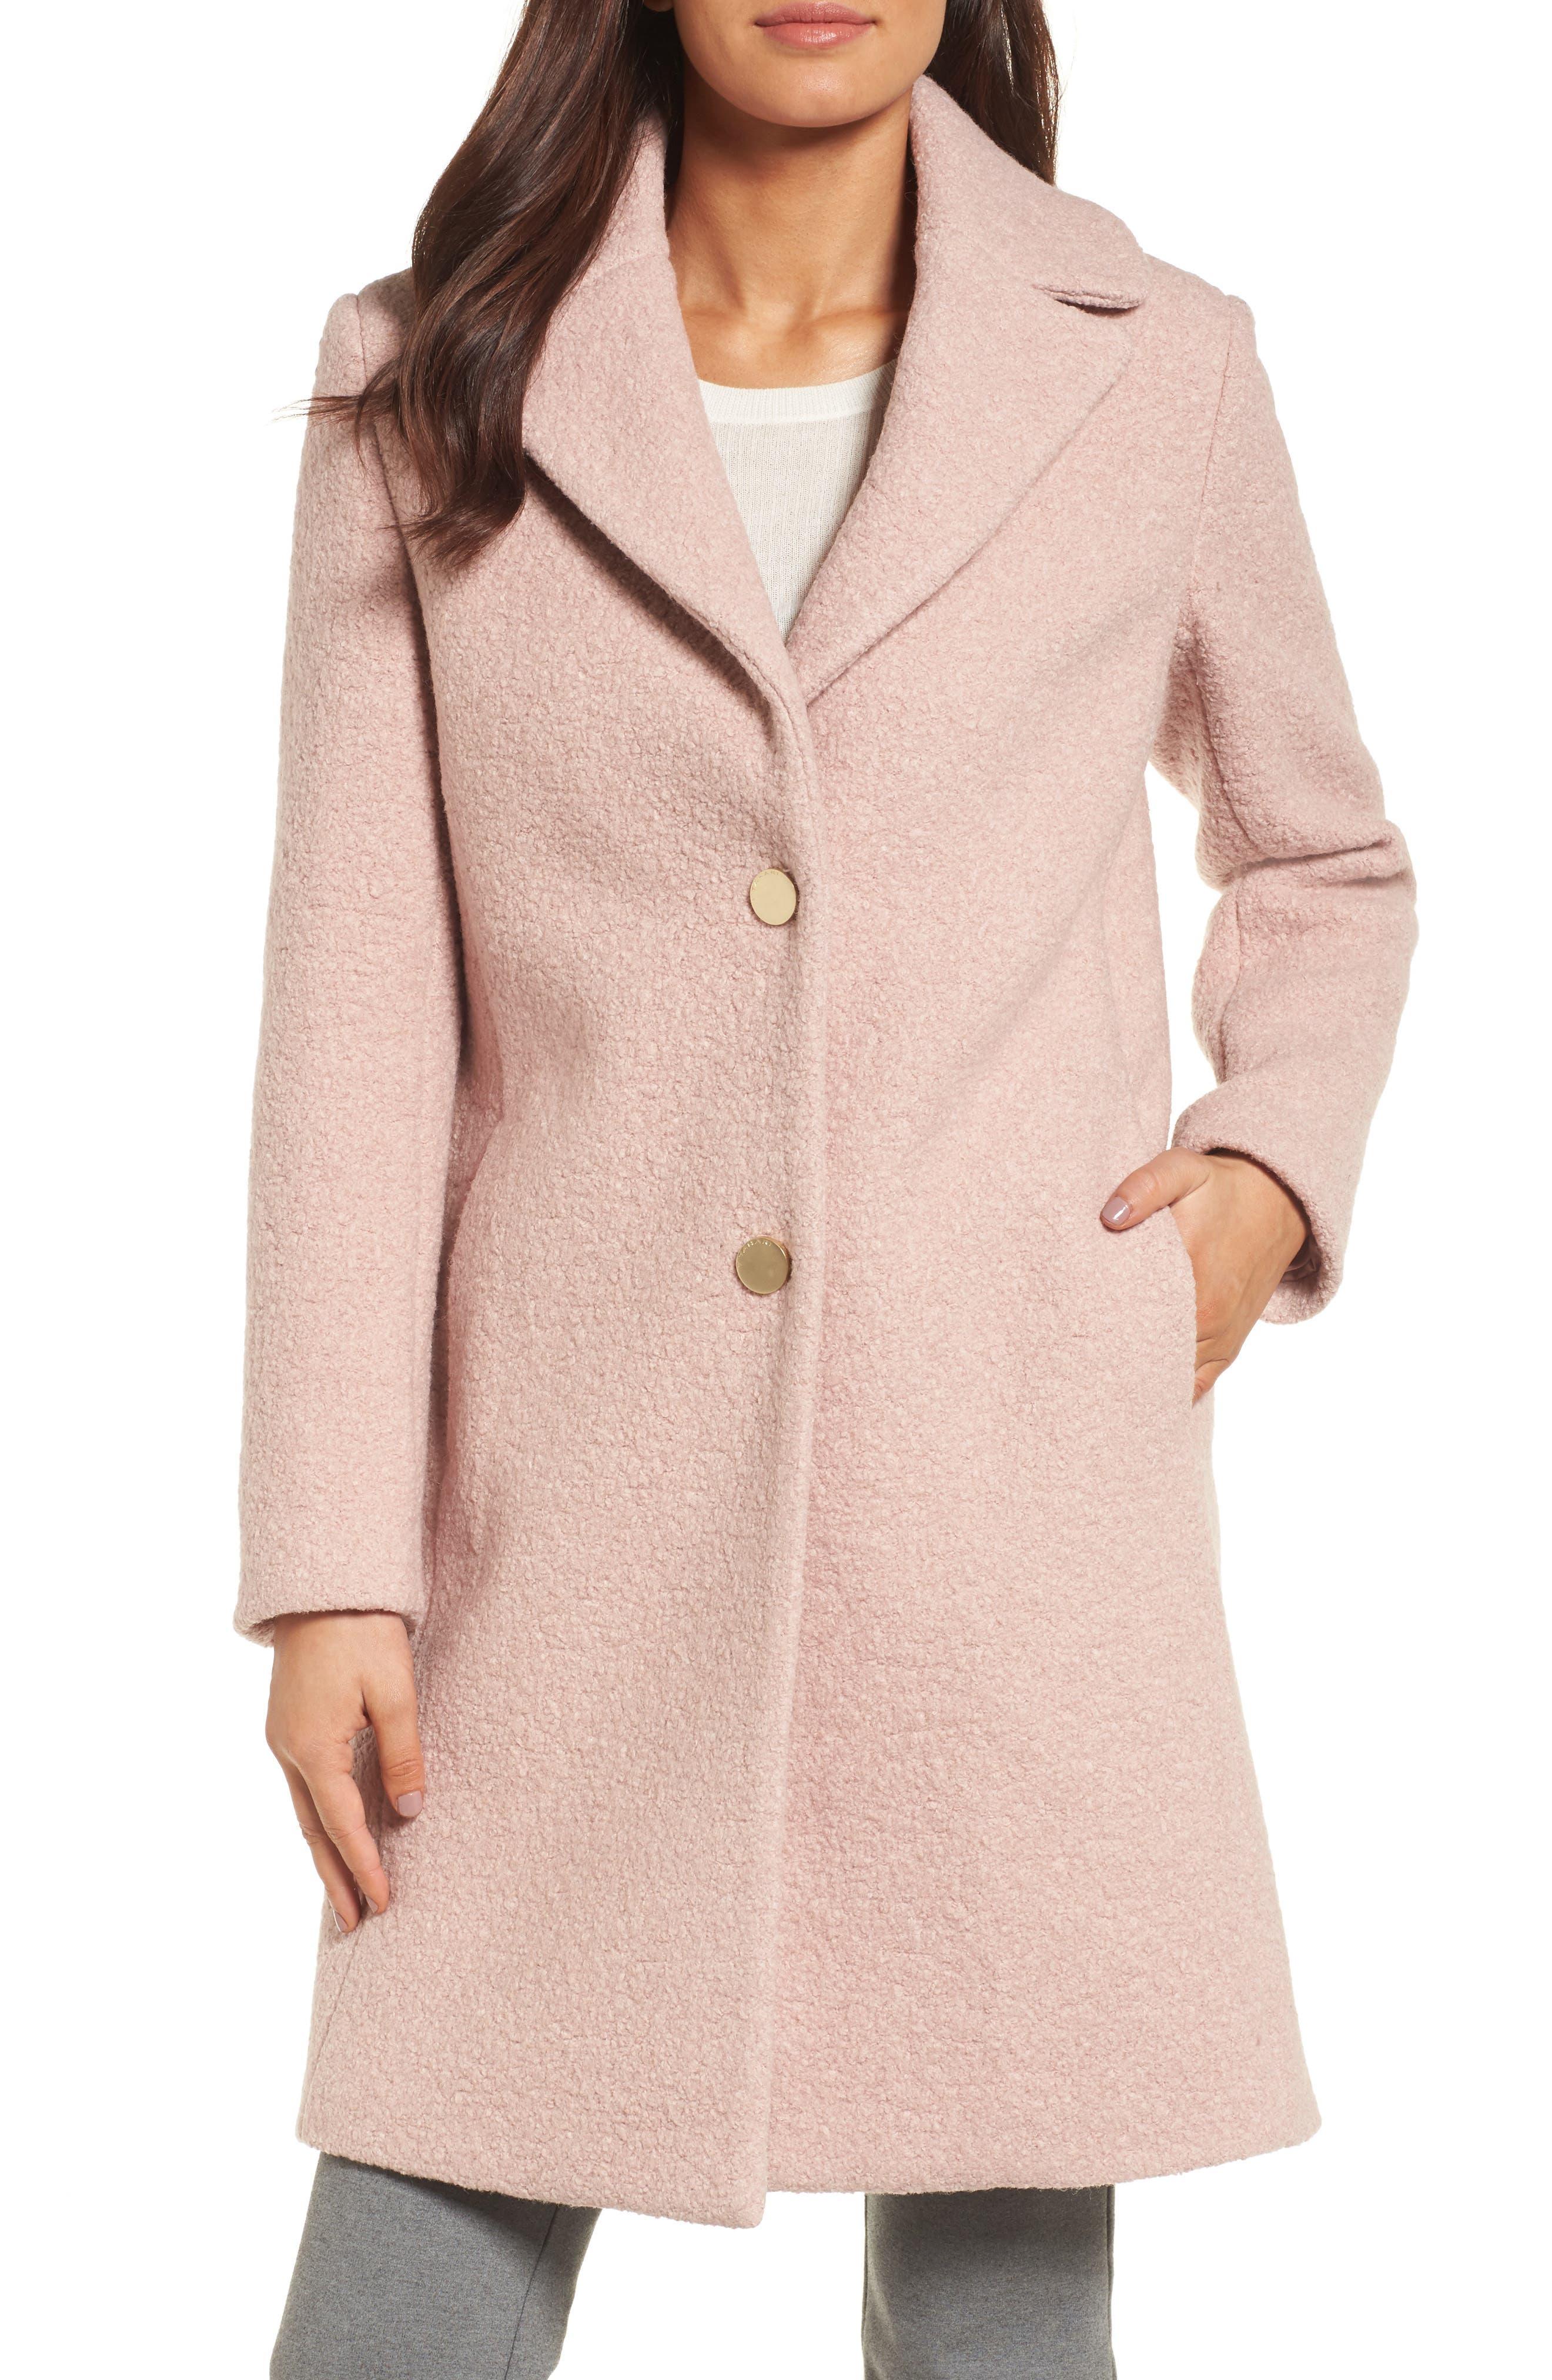 Alternate Image 1 Selected - Tahari 'Tessa' Boiled Wool Blend Coat